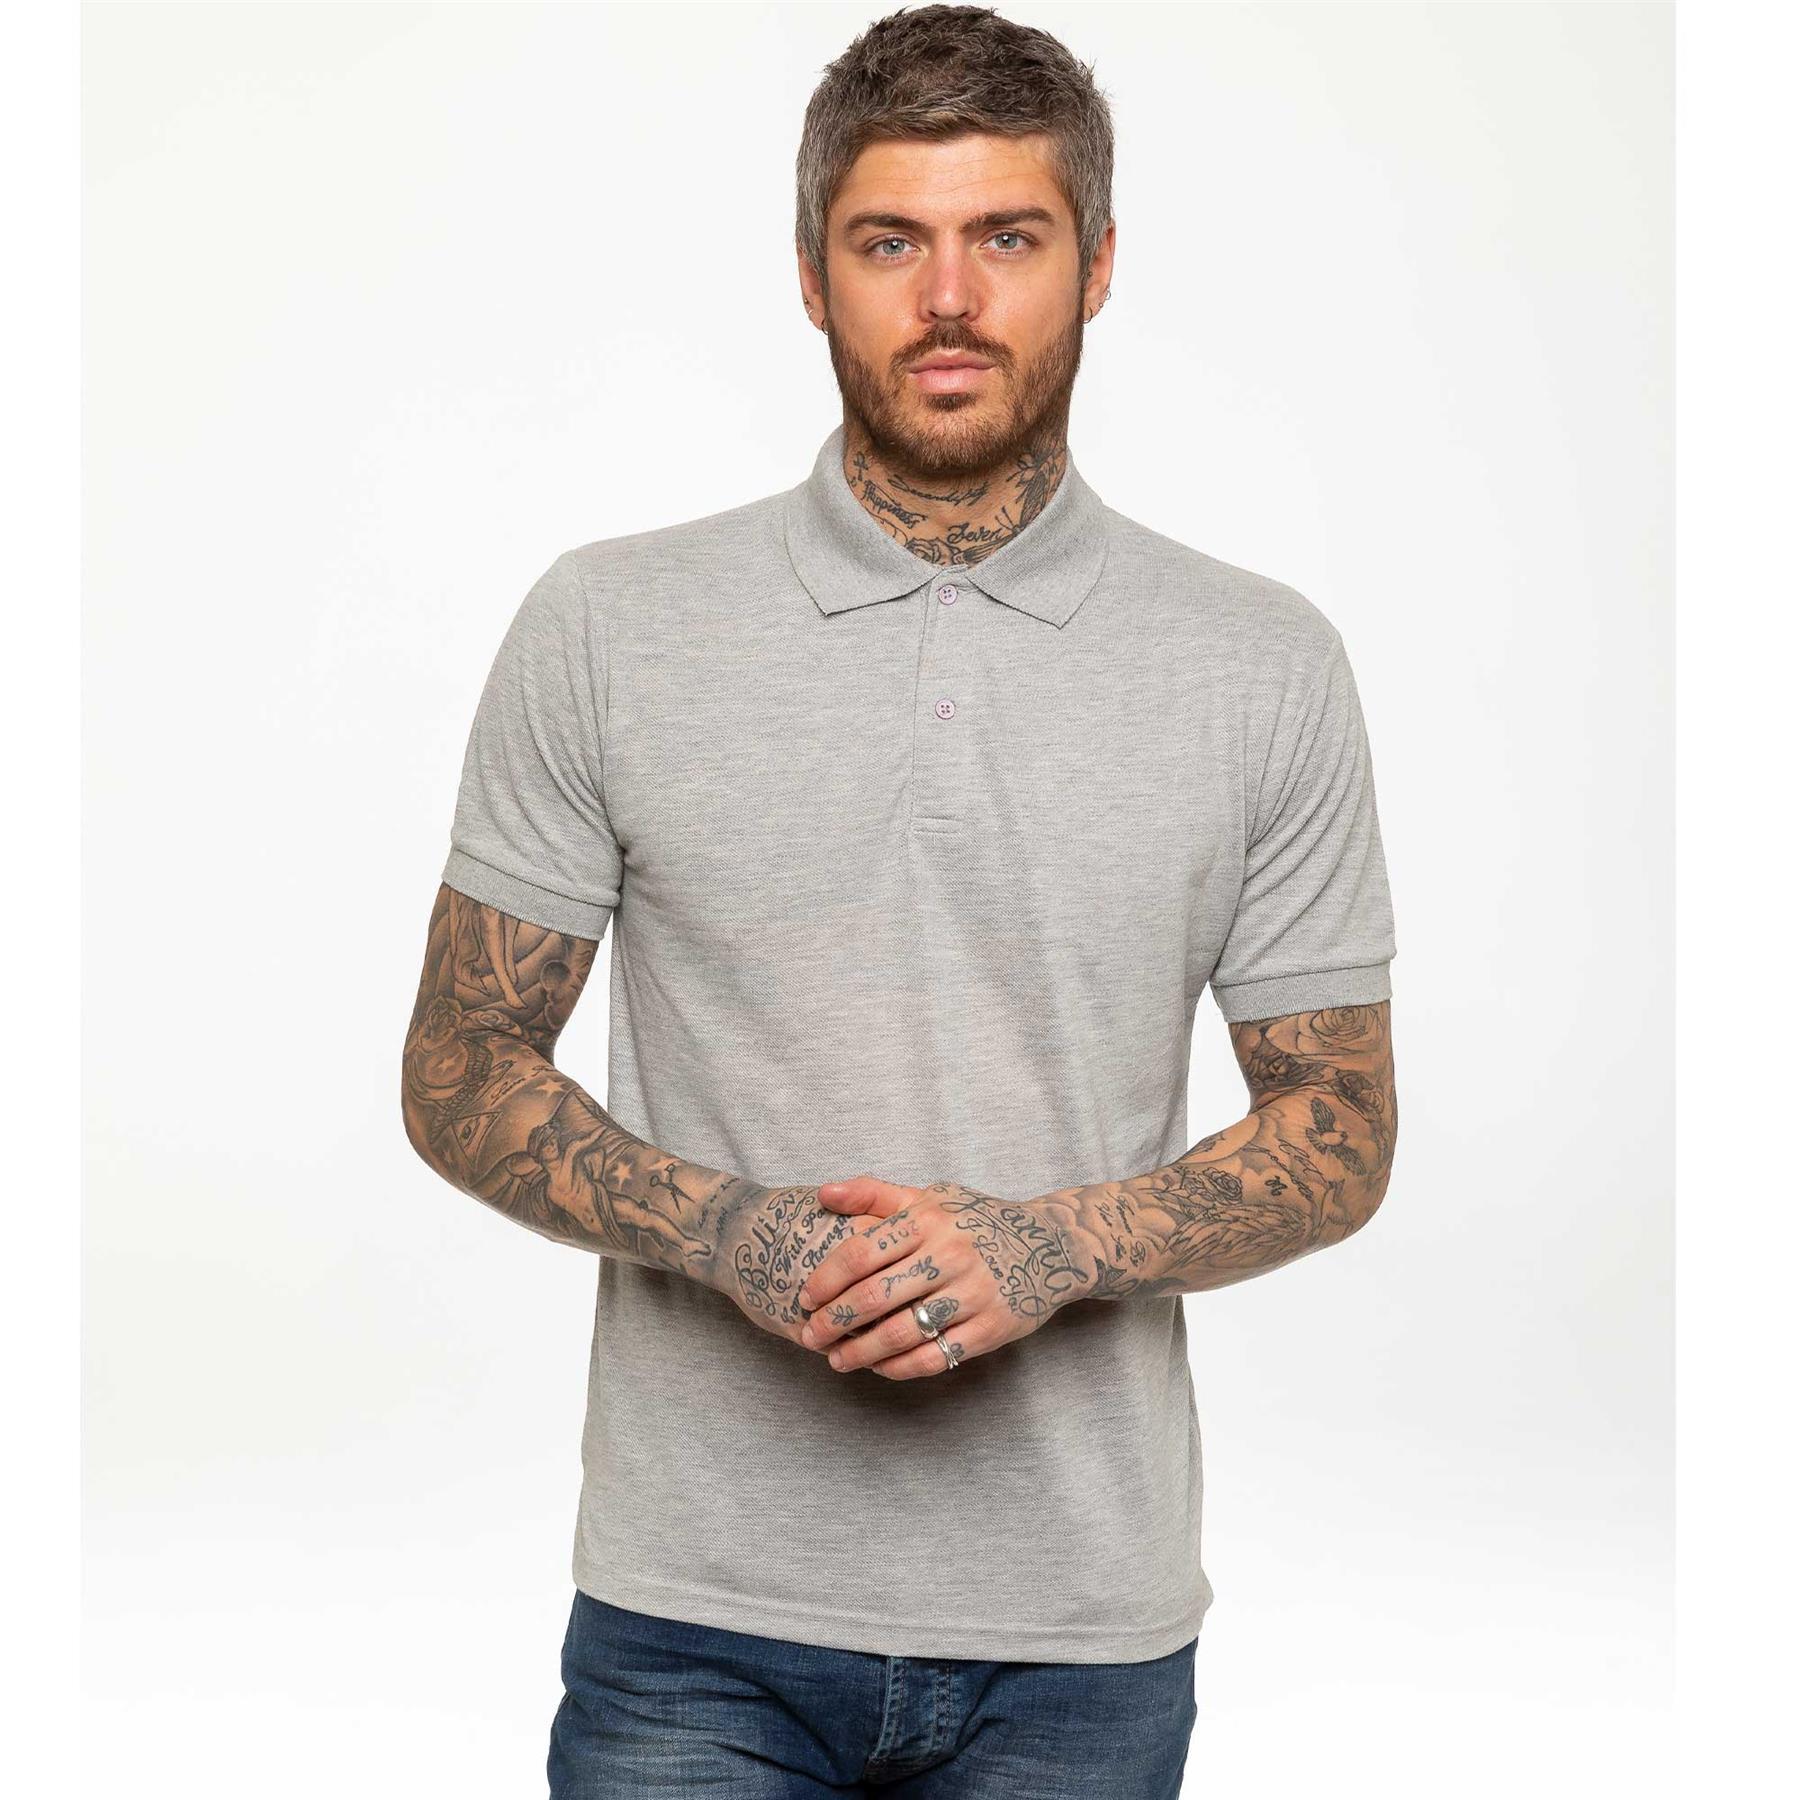 Indexbild 19 - Herren Polohemd Freizeit T-Shirts Neu Schlicht Kurzärmeliges Regular Fit